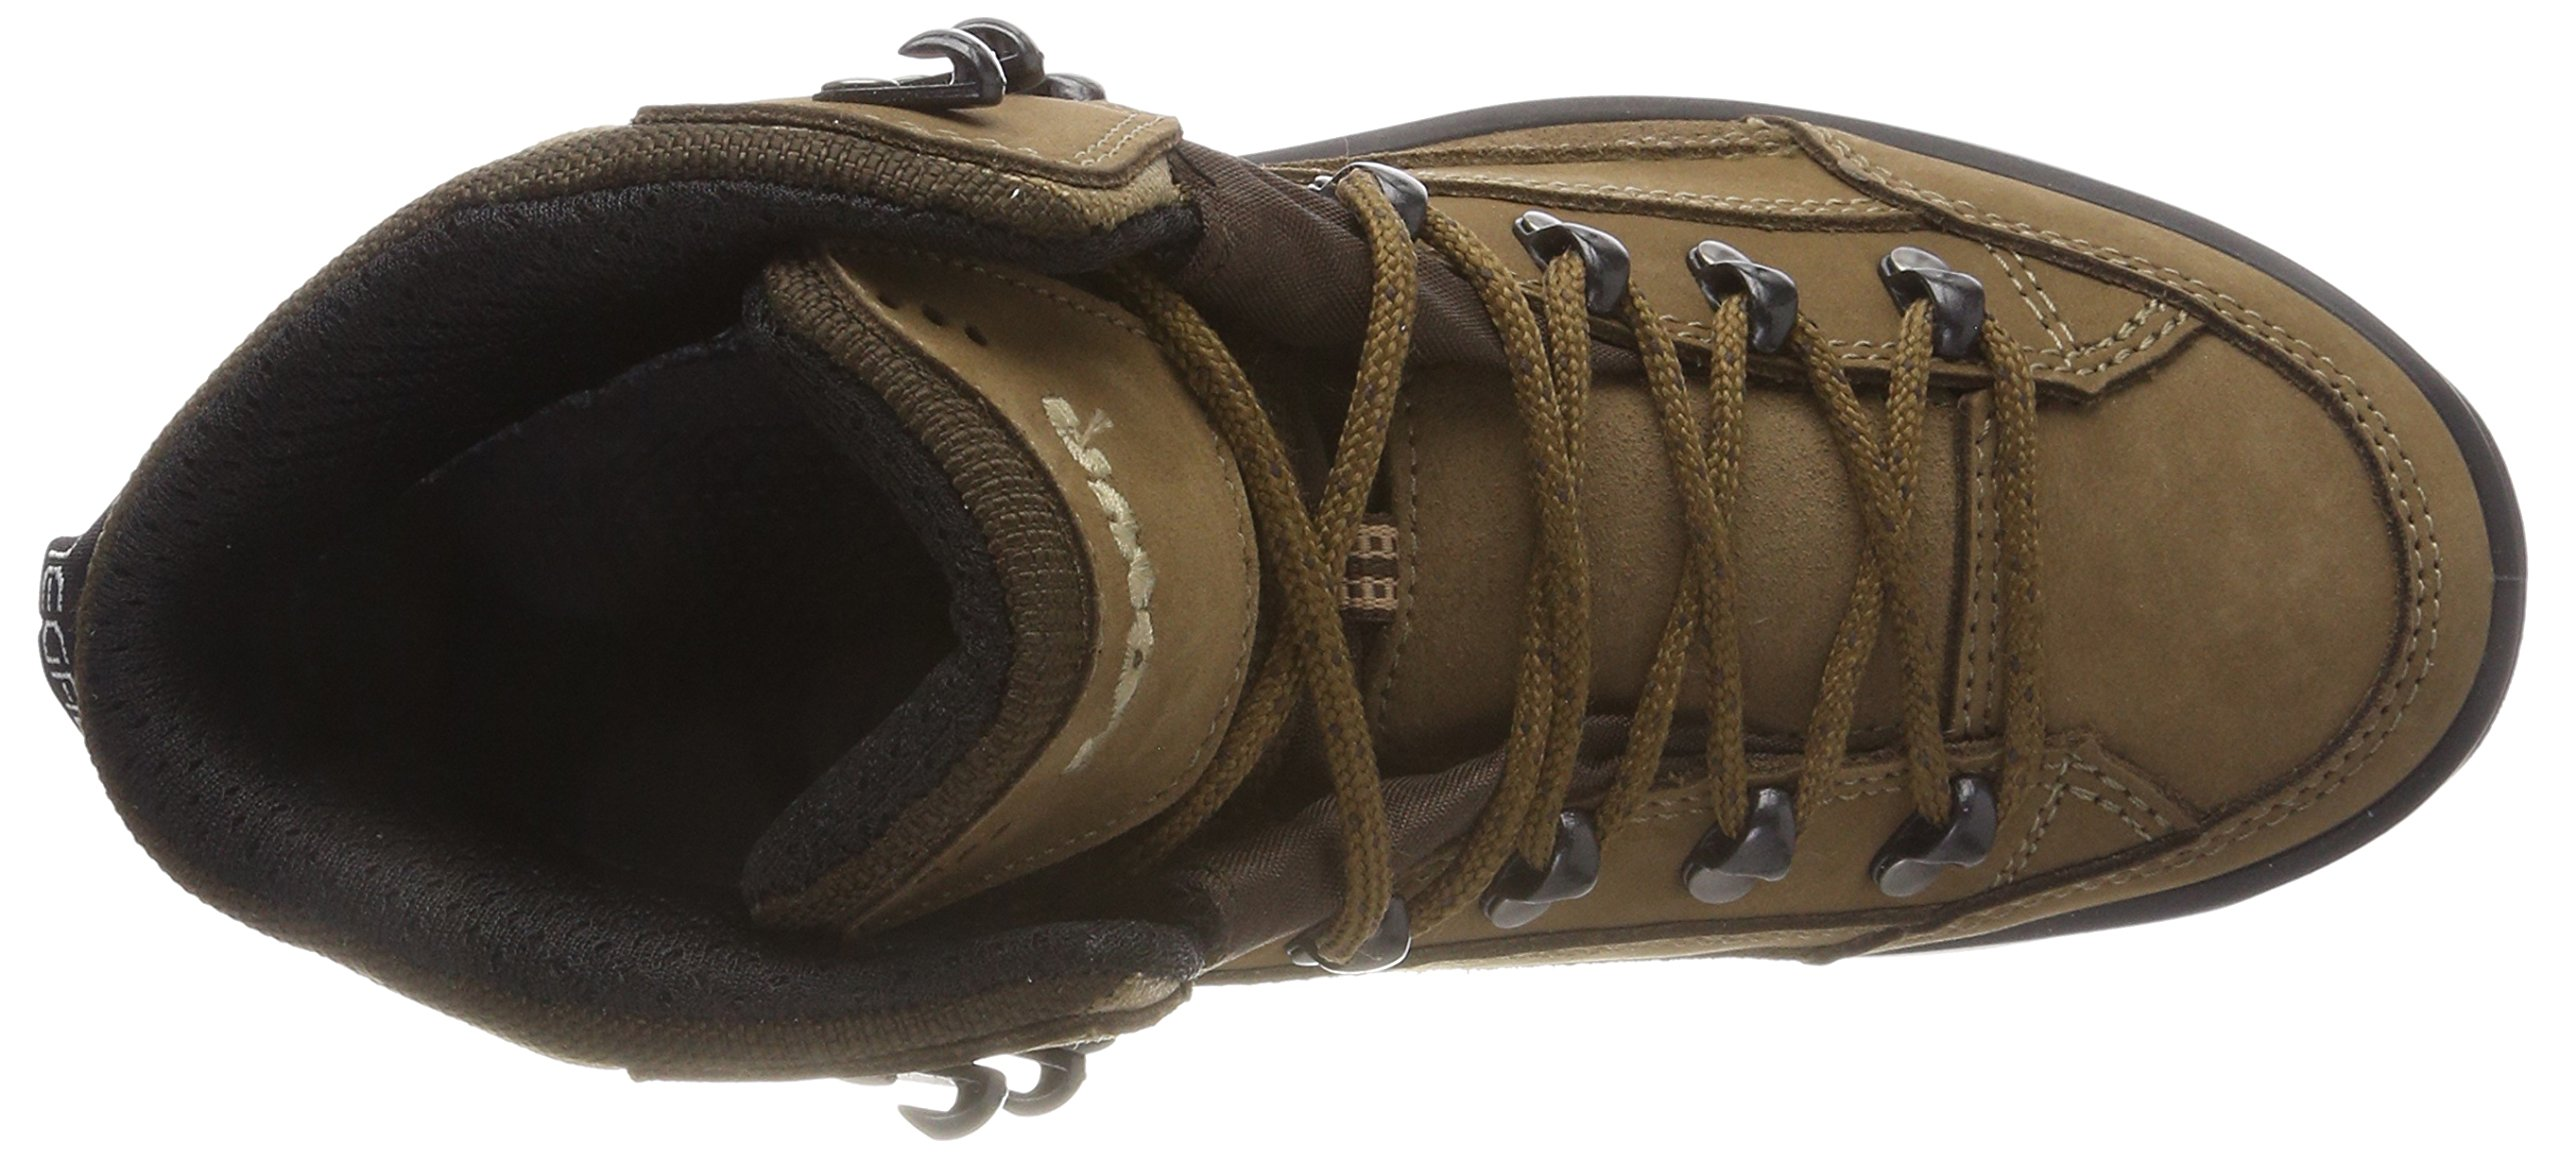 81mj lLR4aL - Lowa RENAGADE GTX MID Ws 320945/9768 Unisex-Adult Hiking Boot